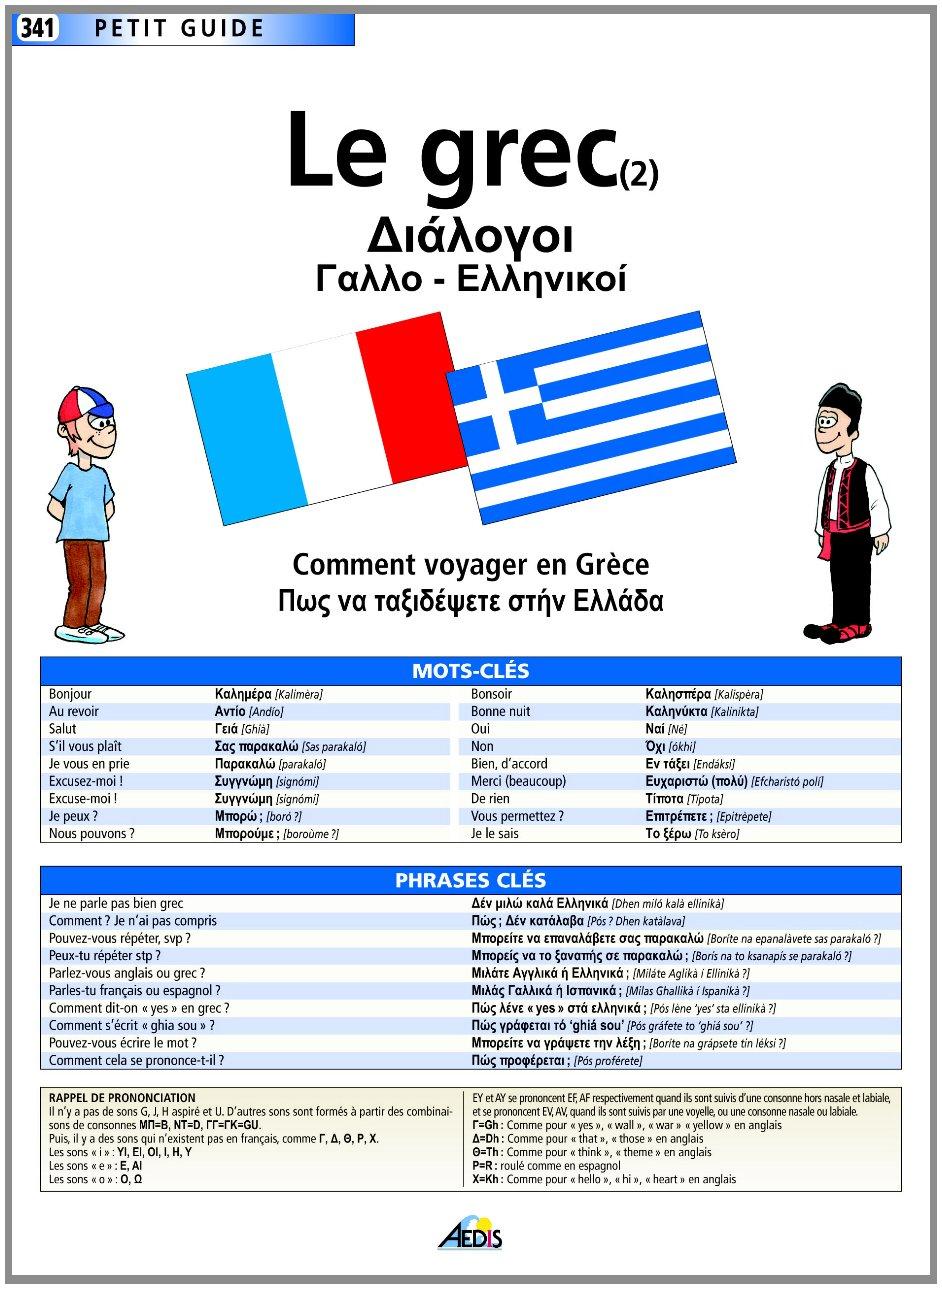 Le Grec 2 Comment Voyager En Grece Amazon Co Uk